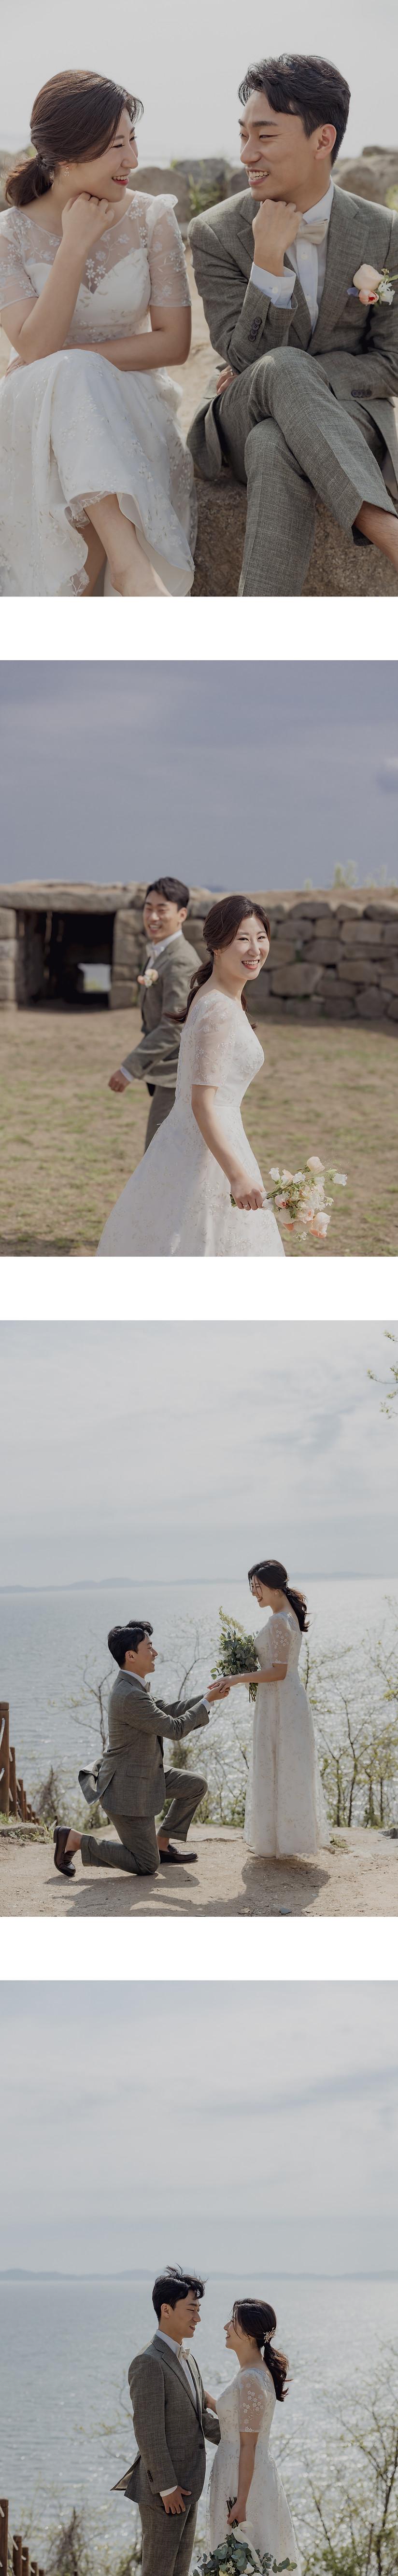 영시간강화도03.jpg